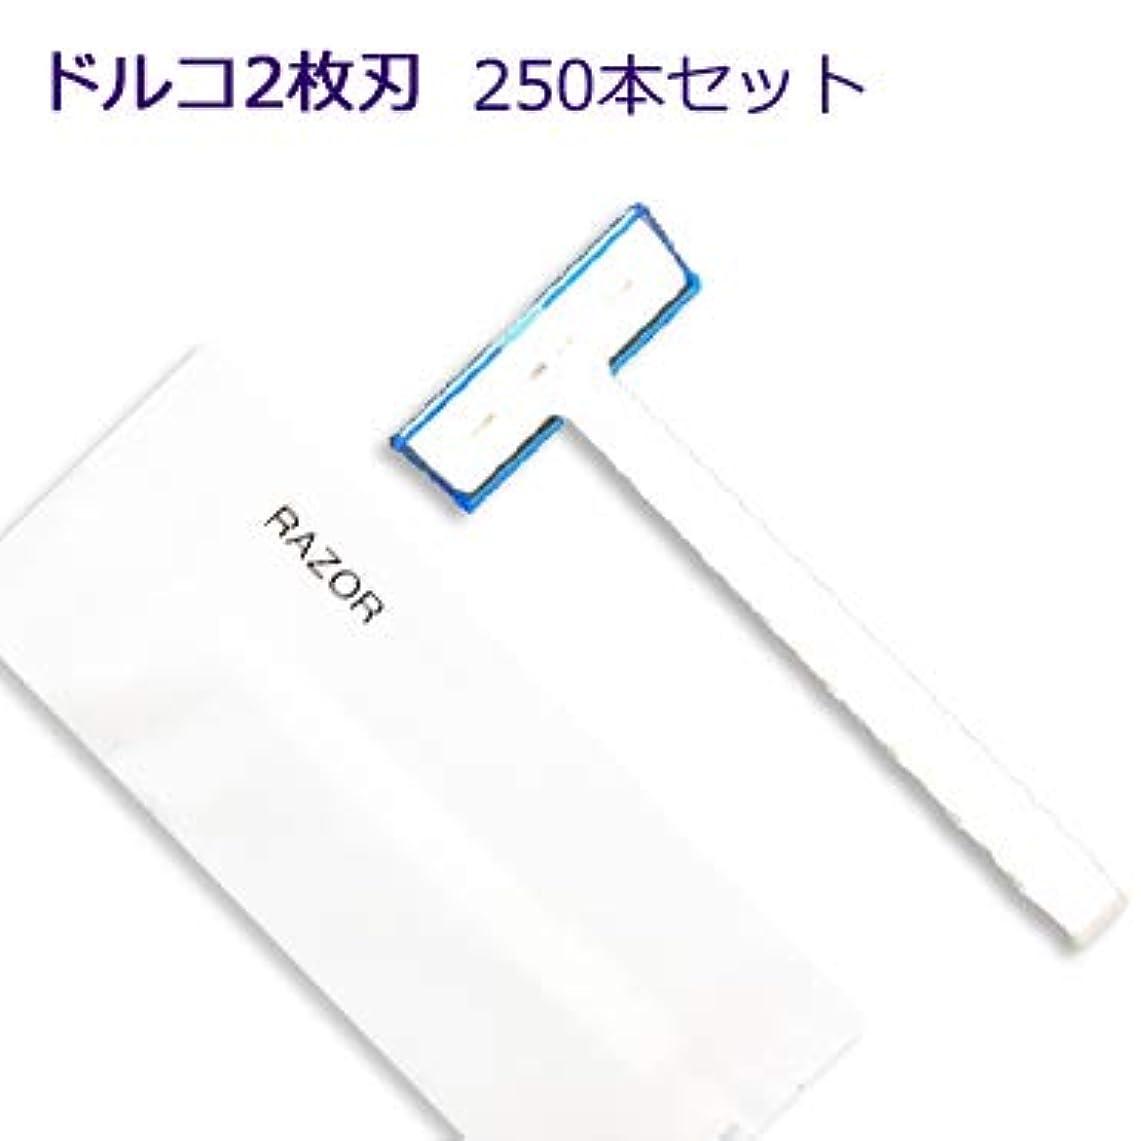 復活モーションなだめるホテル業務用 カミソリ マットシリーズ ドルコ 2枚刃 (1セット250個入)